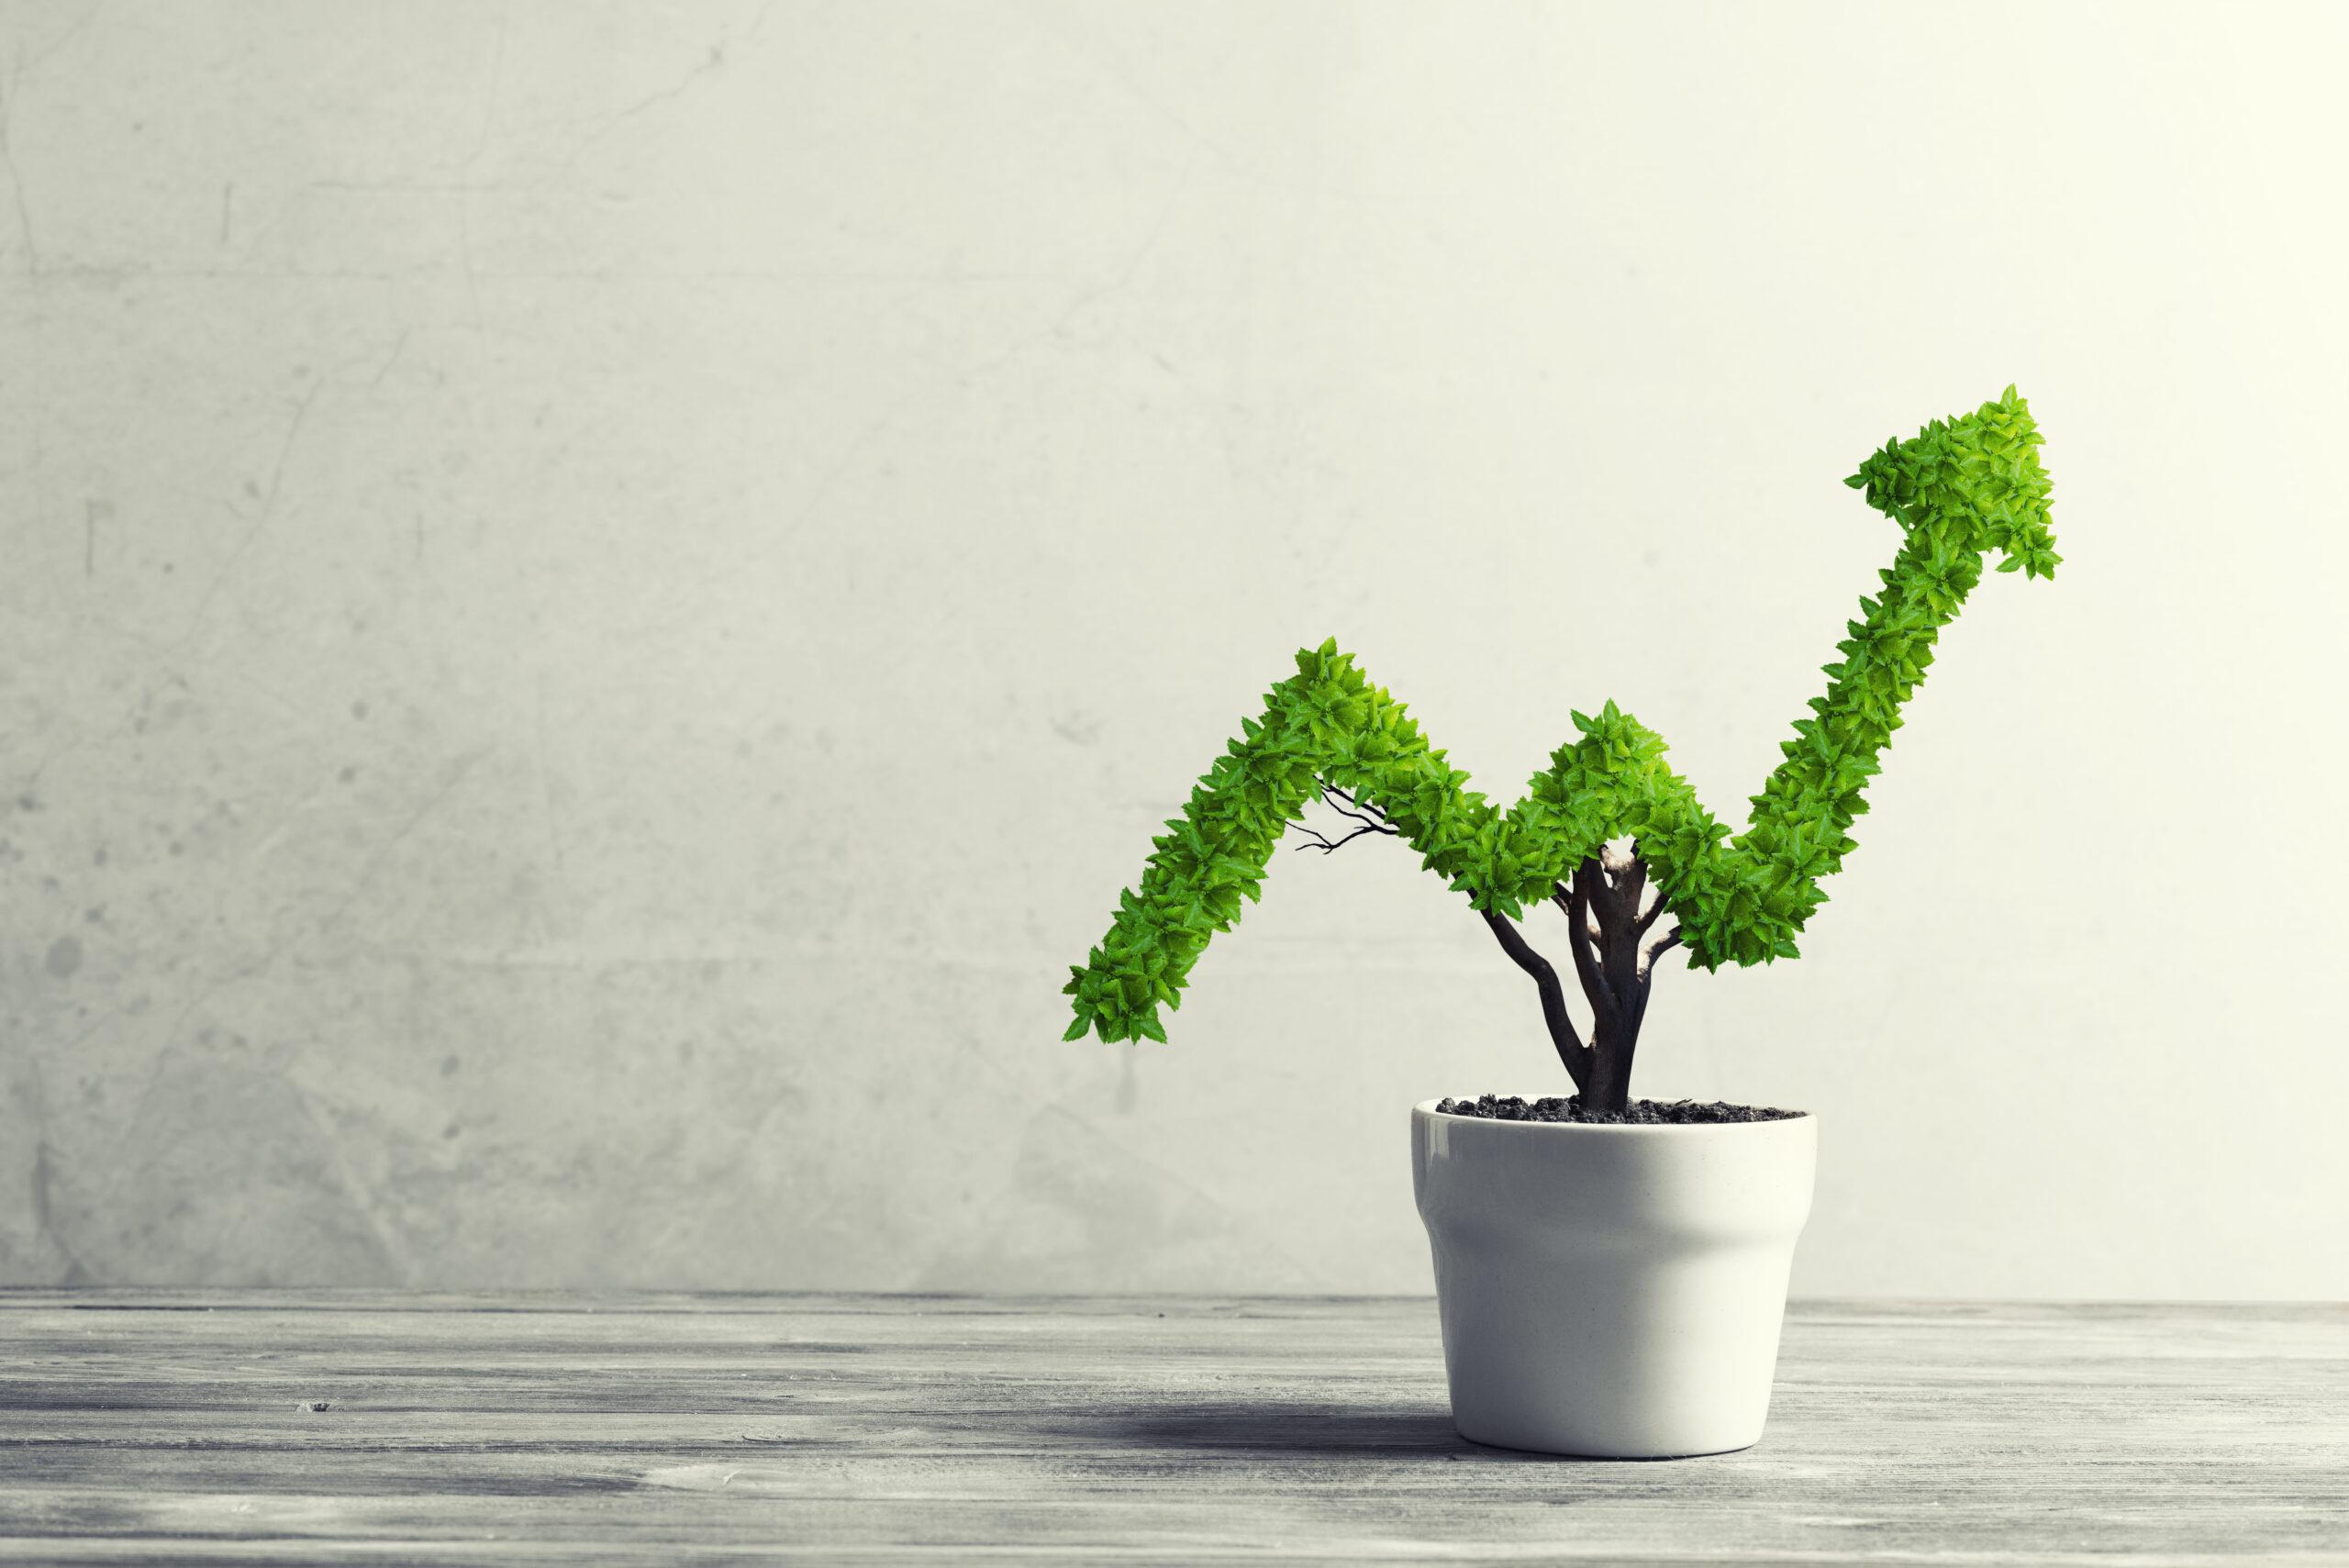 暴落後に急反発。投資チャンス到来もささやかれる2020年以降のJ-REIT投資戦略